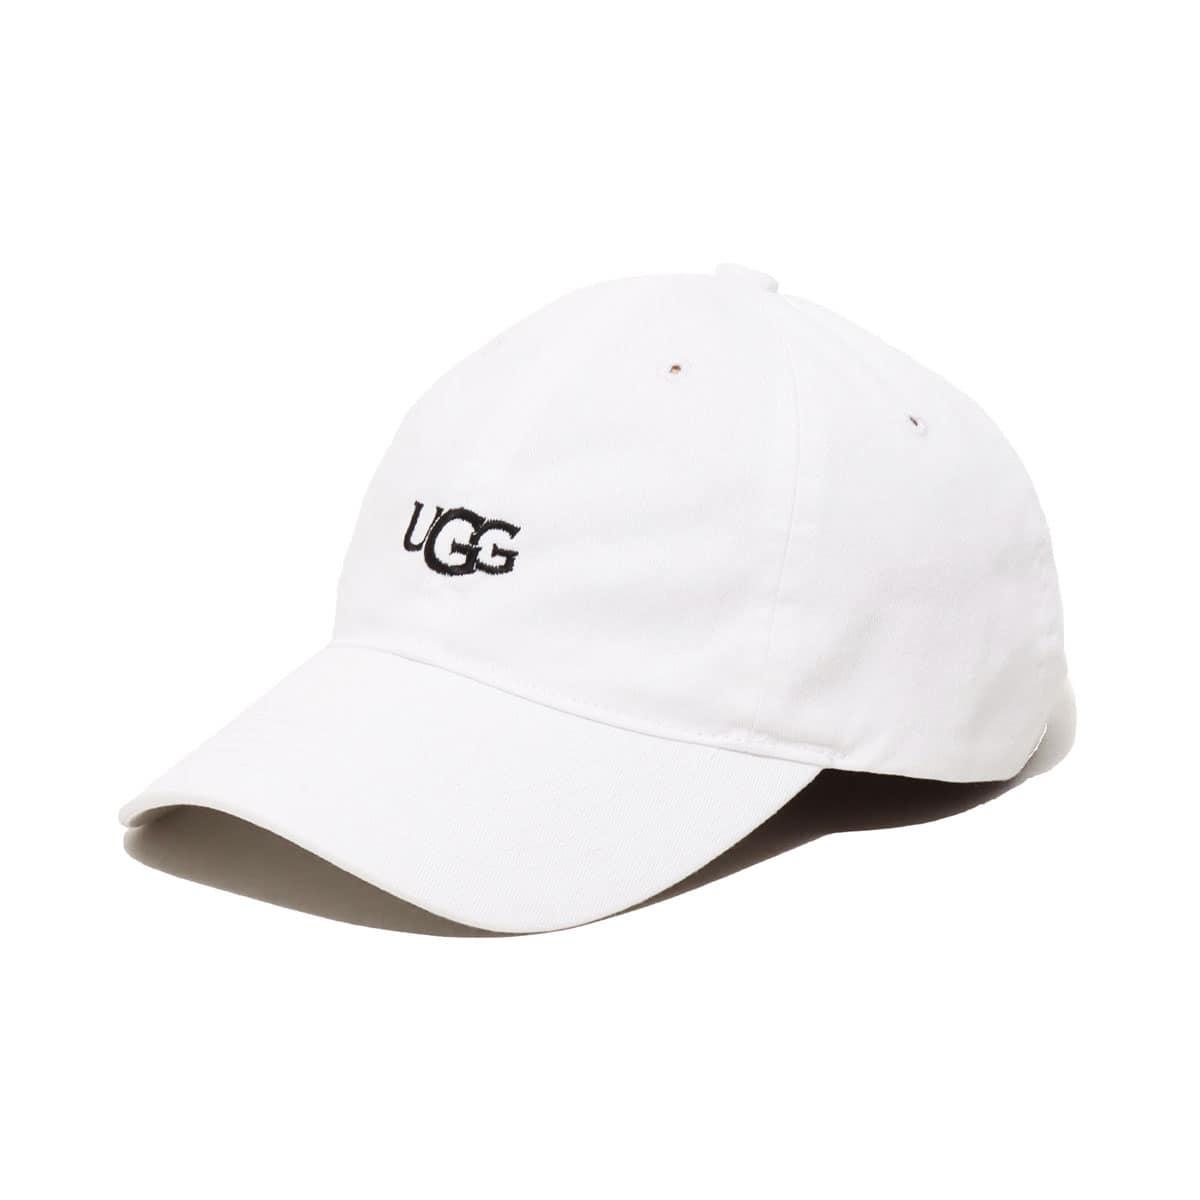 UGG UGG LOGO 6 PANEL CAP WHITE 20SS-I_photo_large